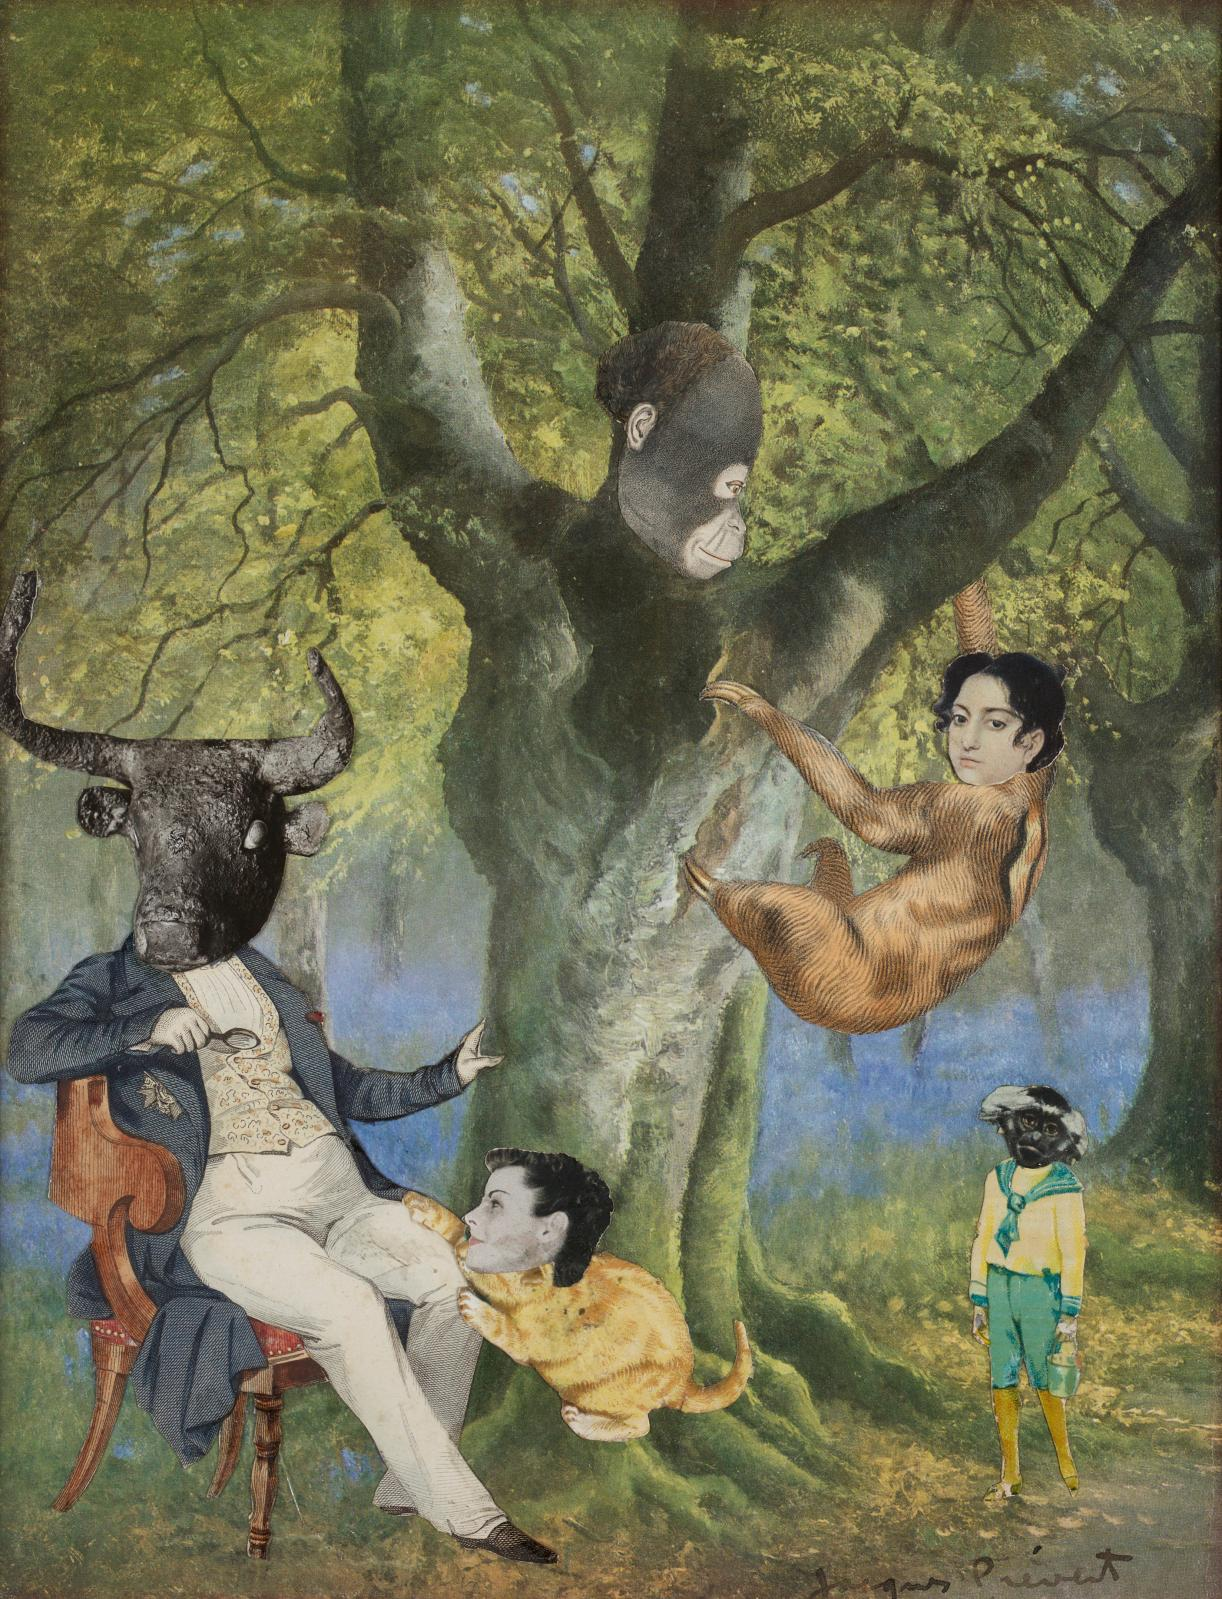 Jacques Prévert (1900-1977), Paradis terrestre, collage, 32,2x24,5cm. Estimation: 7000/8000€